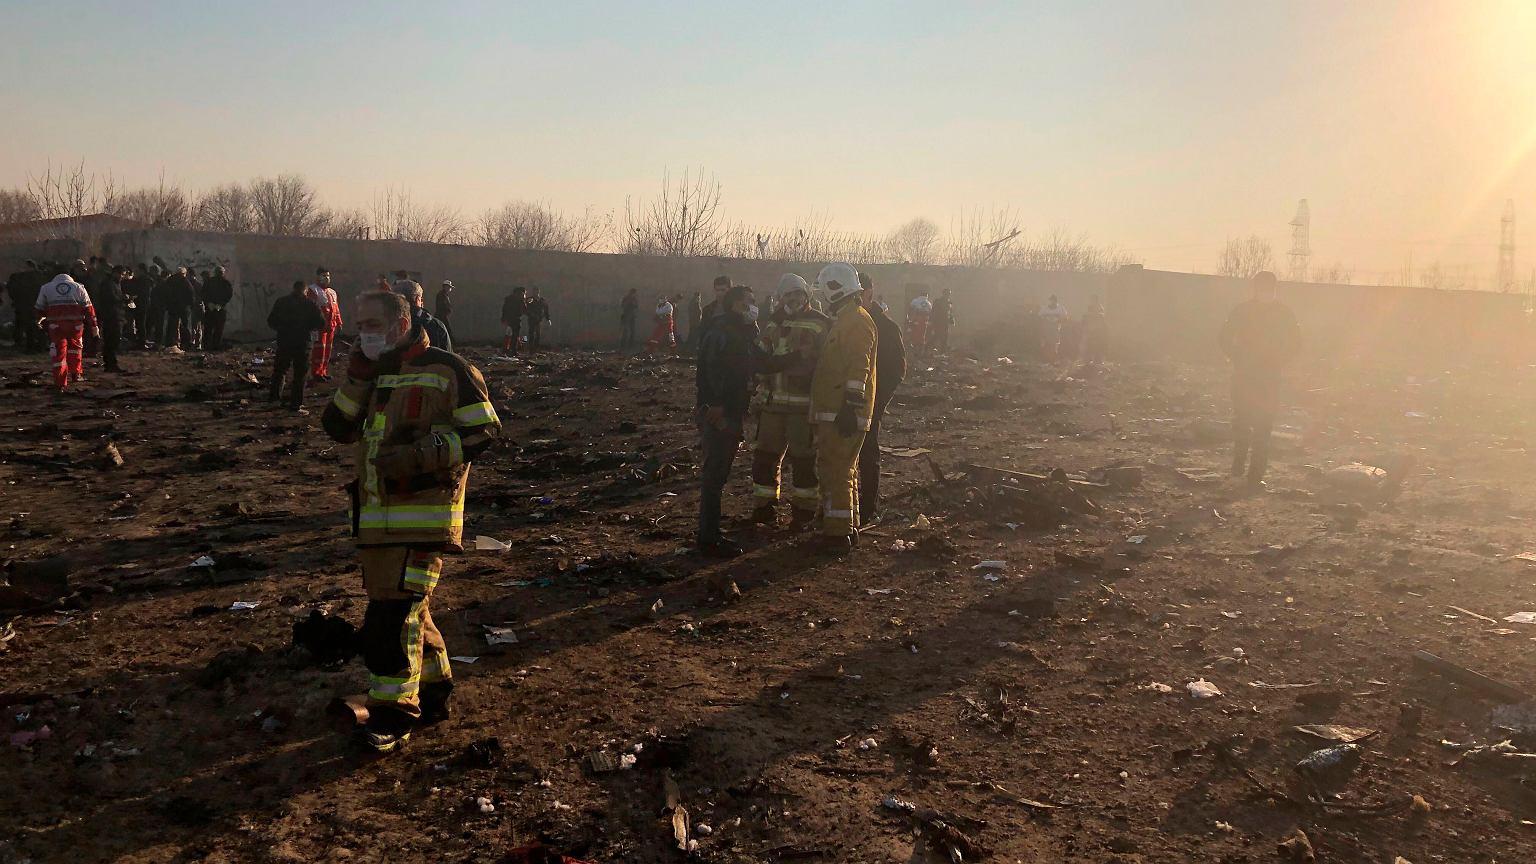 Katastrofa lotnicza ukraińskiego samolotu w Iranie. Teheran nie przekaże czarnych skrzynek Boeingowi | Wiadomości ze świata - Gazeta.pl